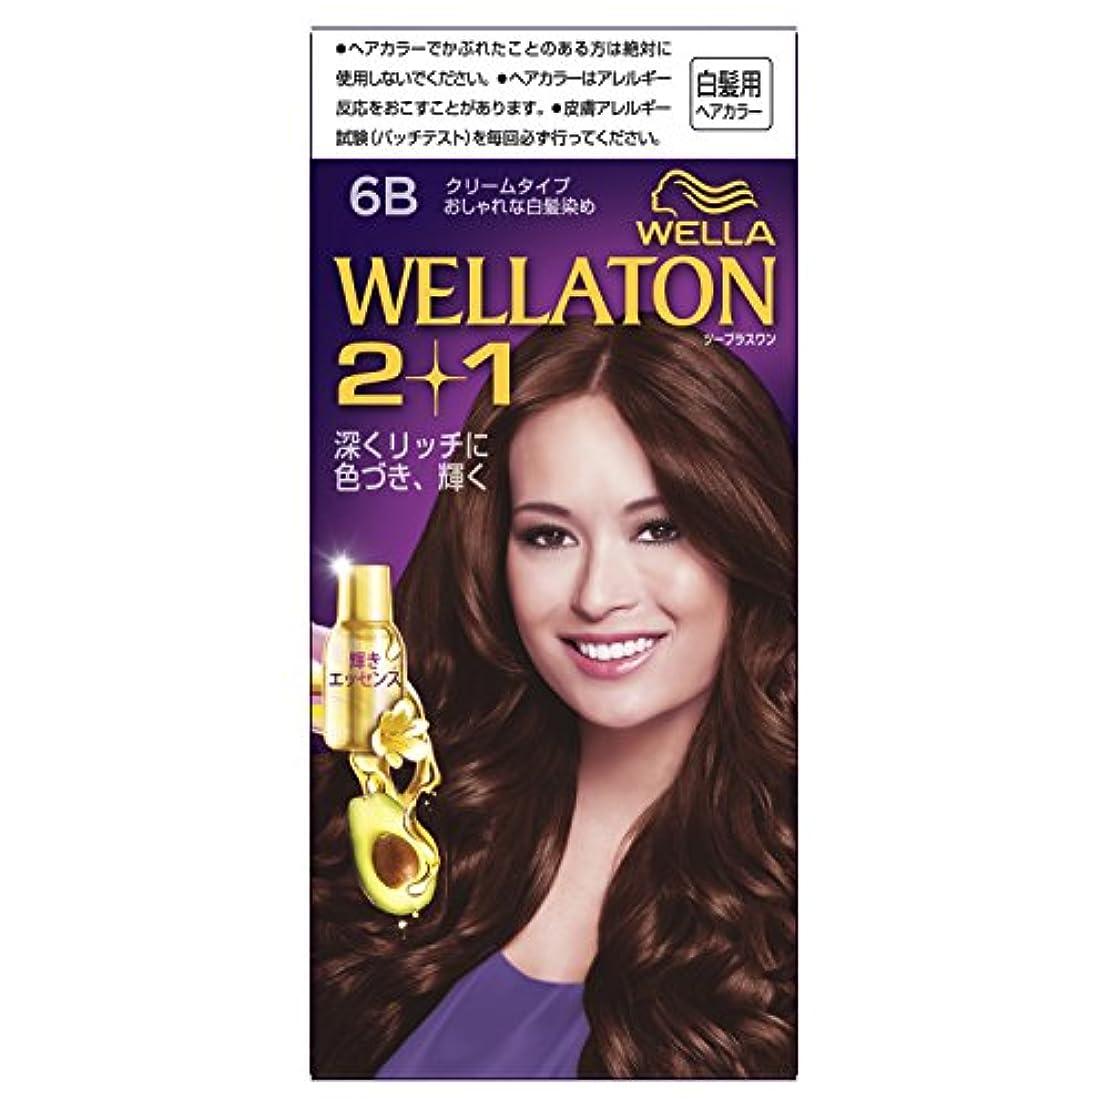 波紋肌馬力ウエラトーン2+1 クリームタイプ 6B [医薬部外品](おしゃれな白髪染め)